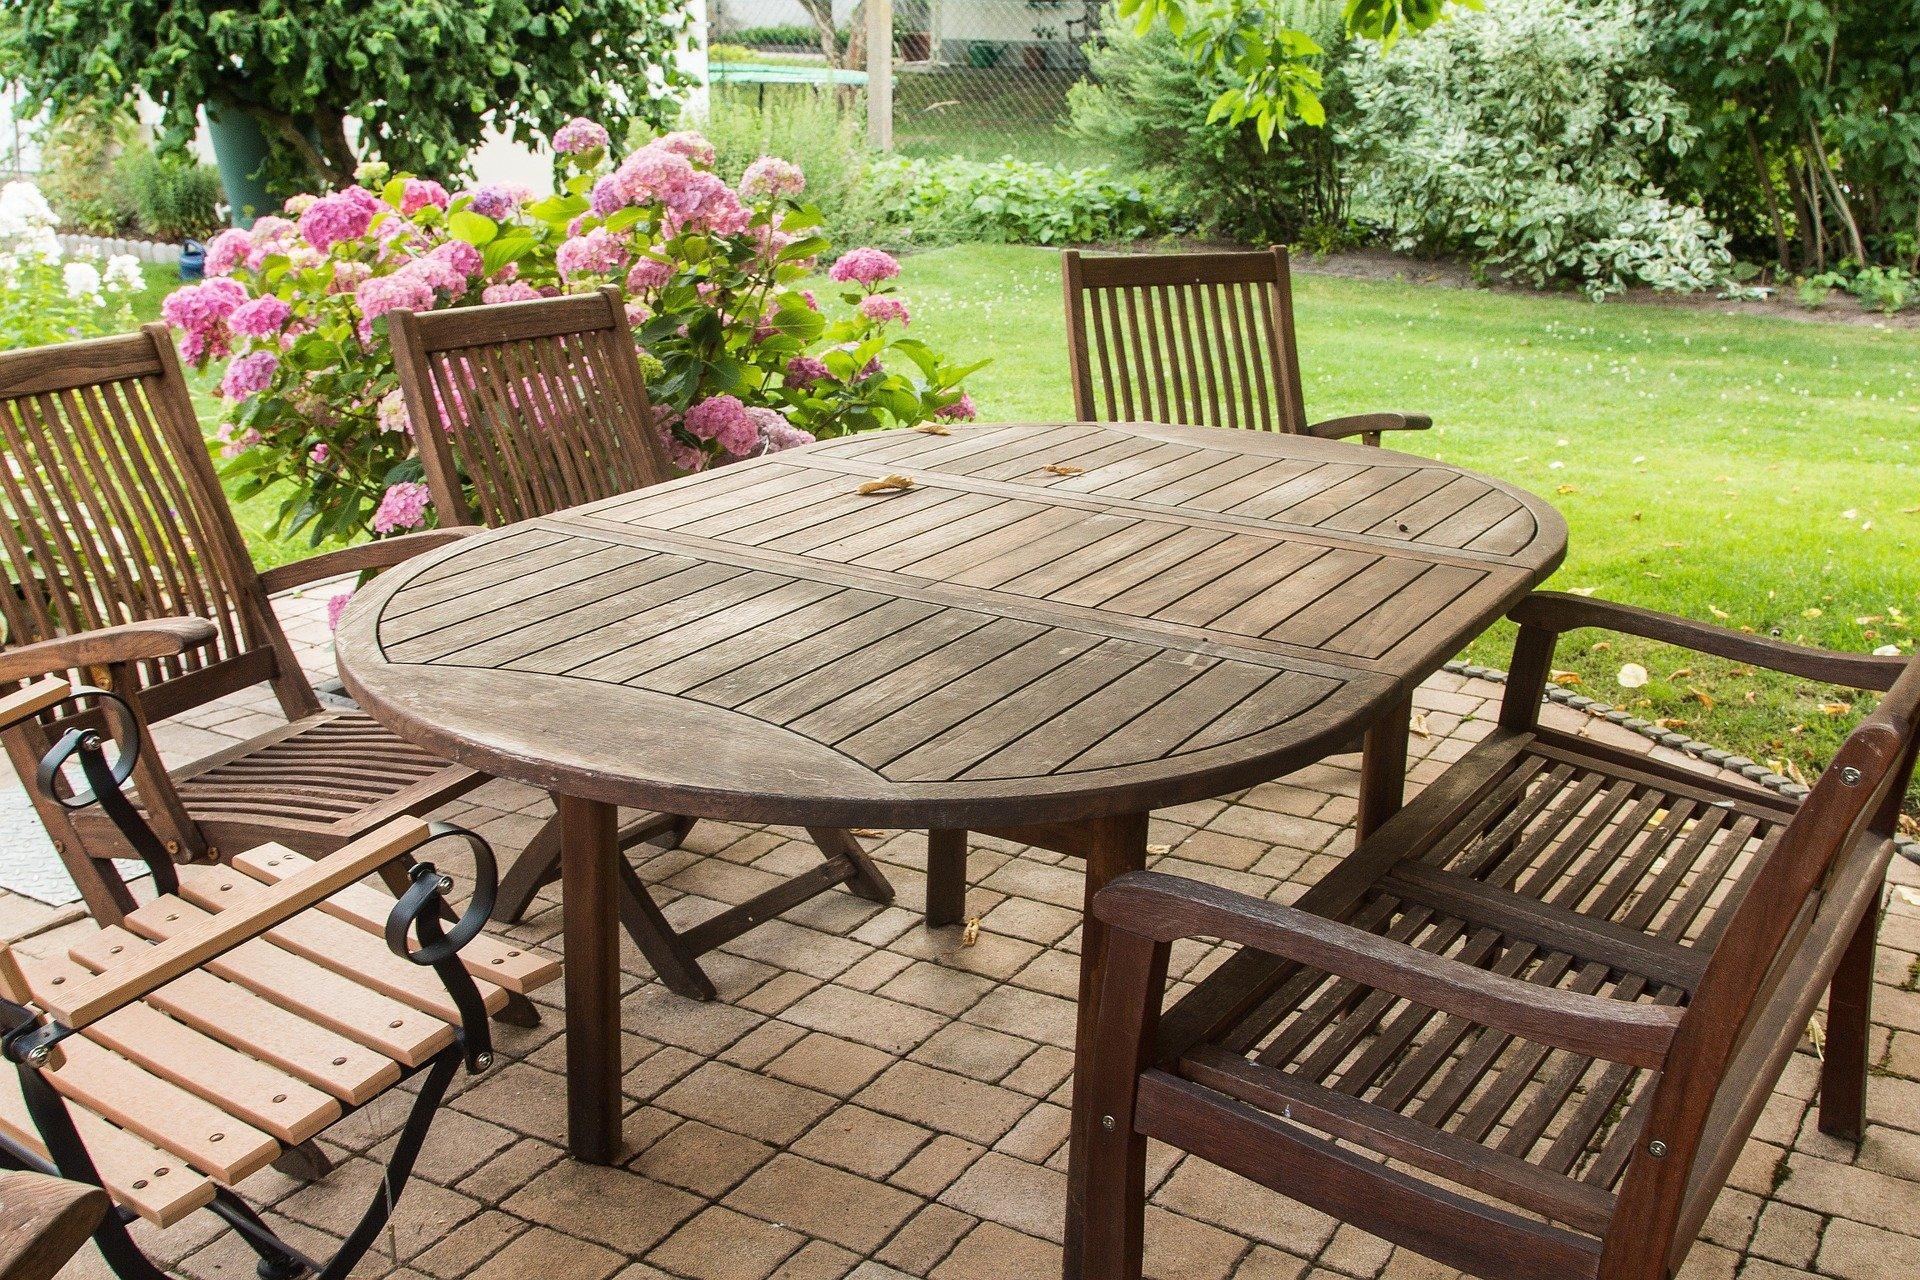 En Piscinas Toi somos conscientes de la importancia de la decoración de tu jardín y del ocio que tendrás en este. Por ello, te ofrecemos estas recomendaciones para conseguir la mejor terraza este verano